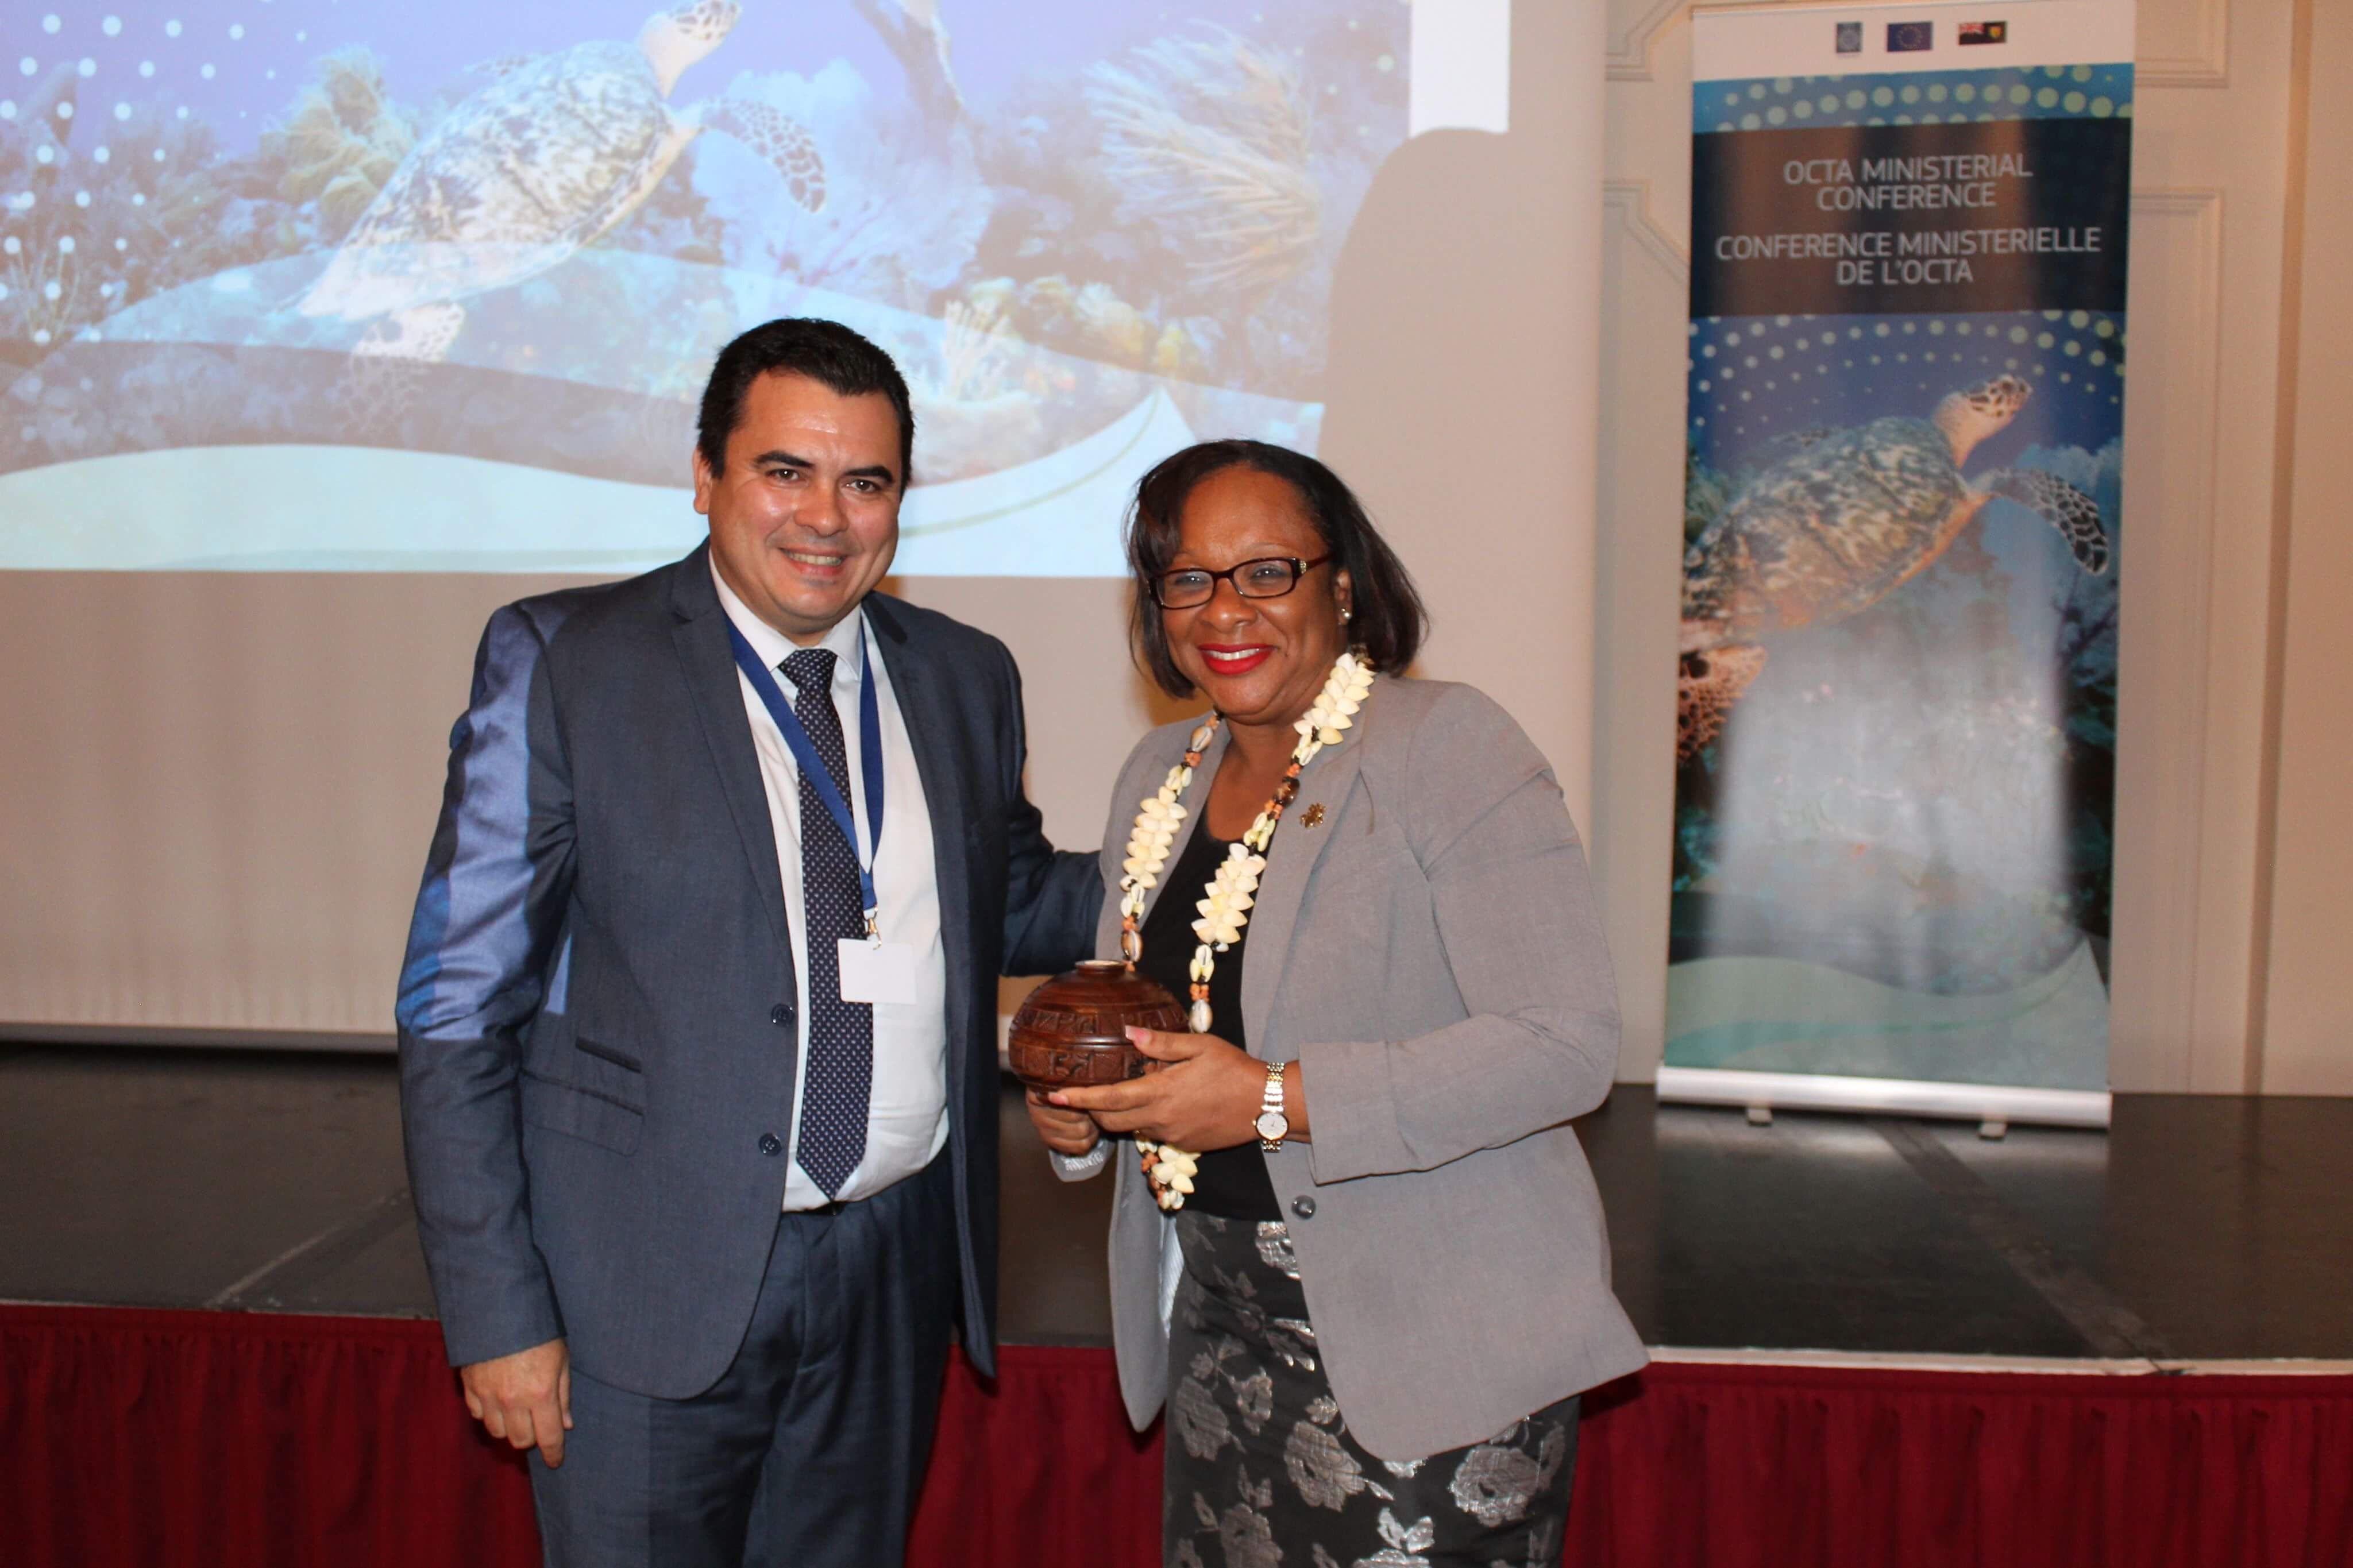 Le vice-président de la Polynésie française, Teva Rohfritsch, en compagnie de Sharlène Cartwright-Robinson, Première ministre des Iles Turques et Caïques. Crédit photo : Présidence de la Polynésie française.